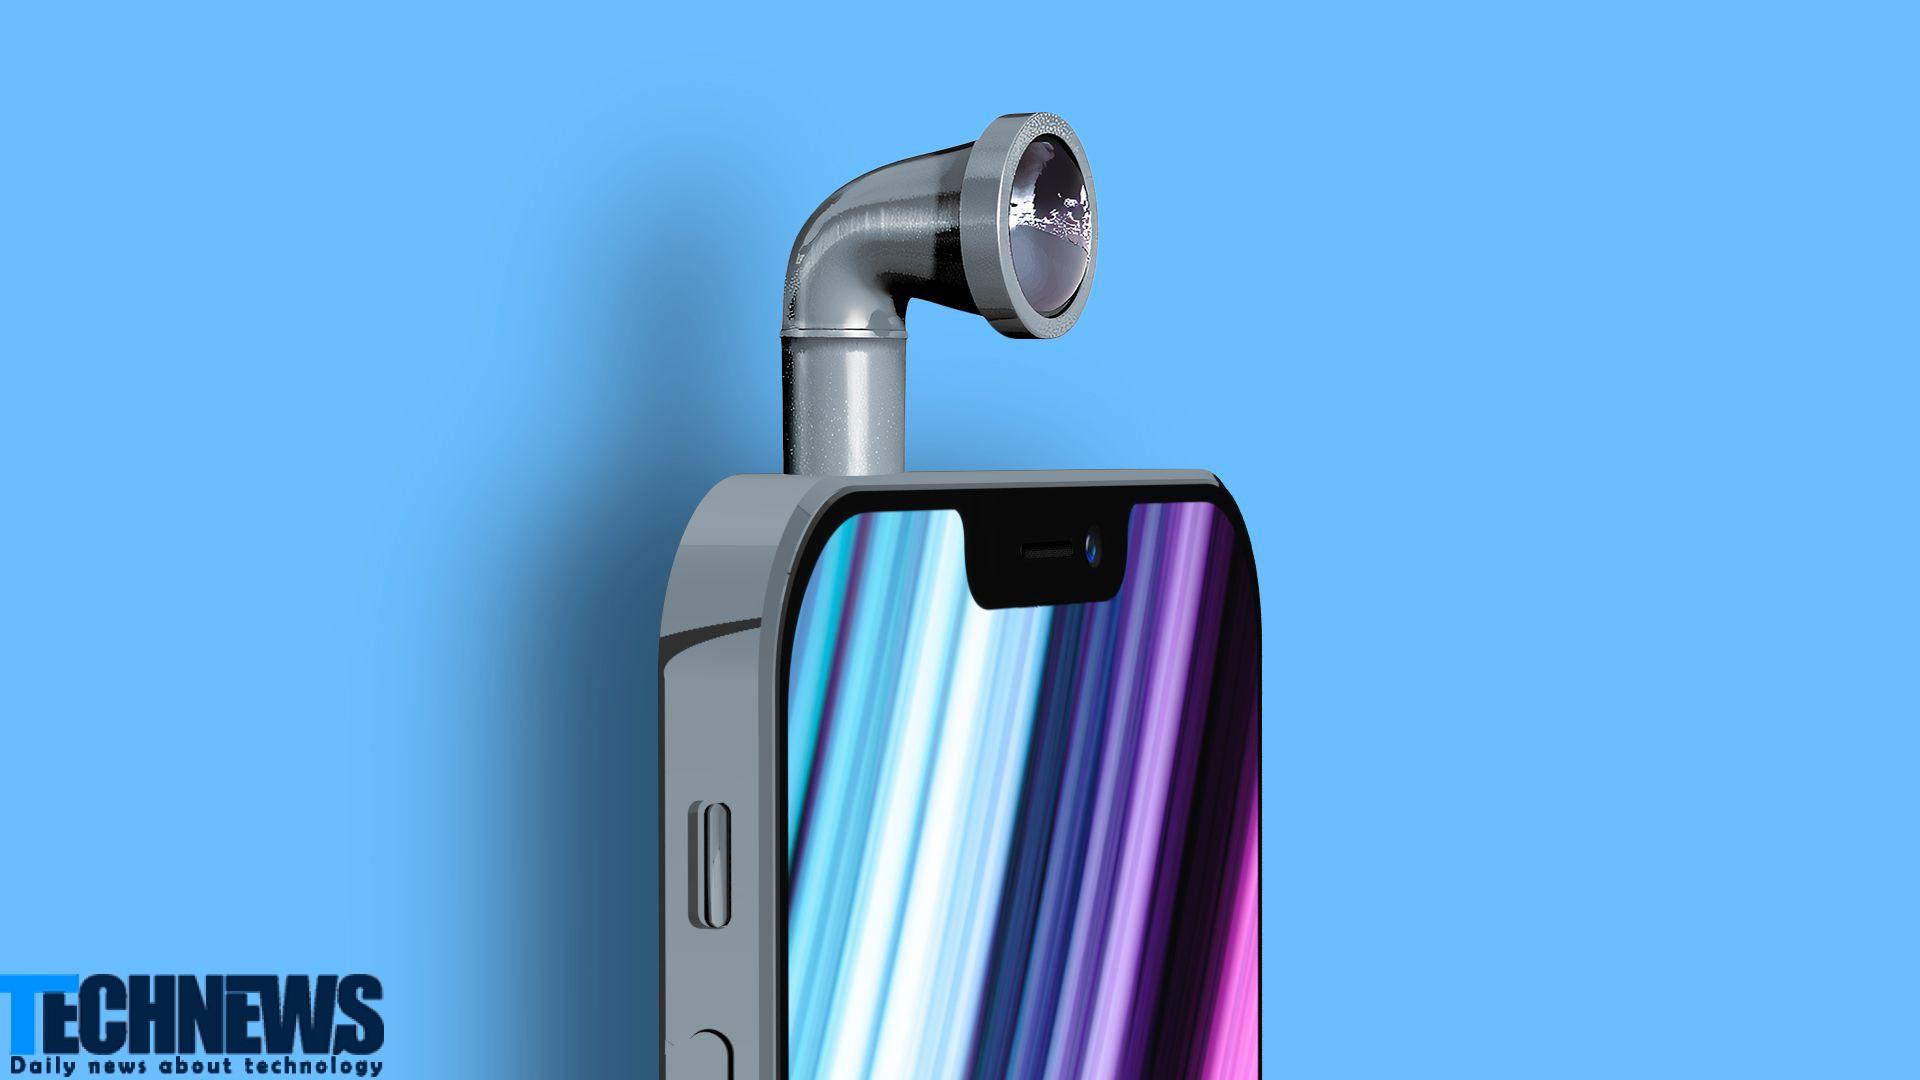 احتمالا اپل در آیفون ۱۳ از دوربین پریسکوپی سامسونگ استفاده خواهد کرد